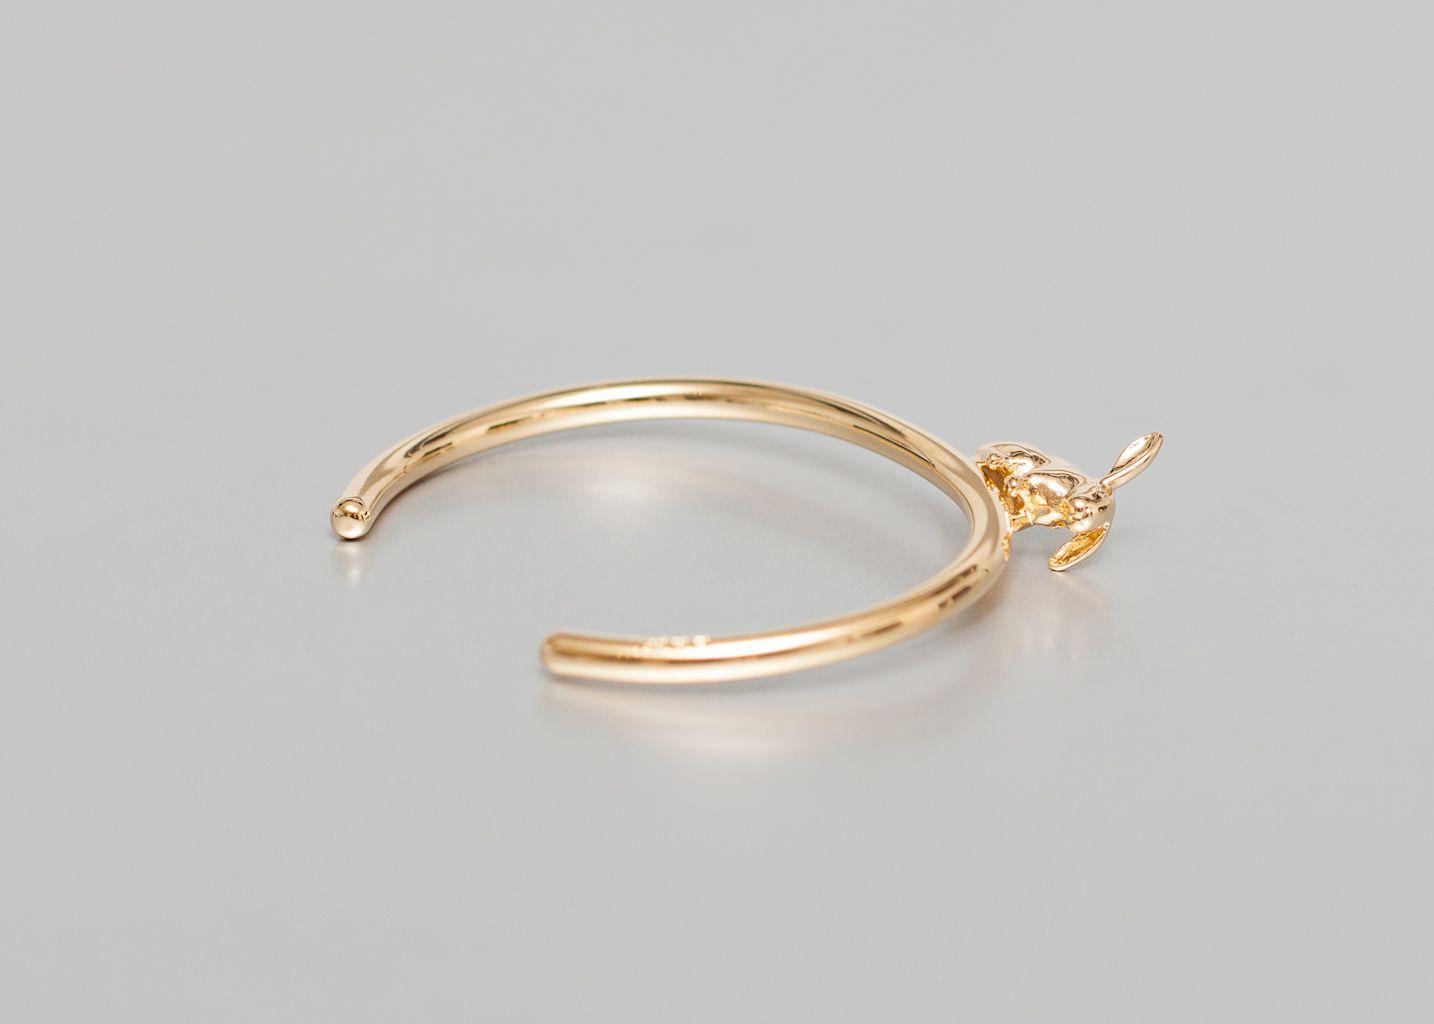 Bracelet Lapin - PP From Longwy